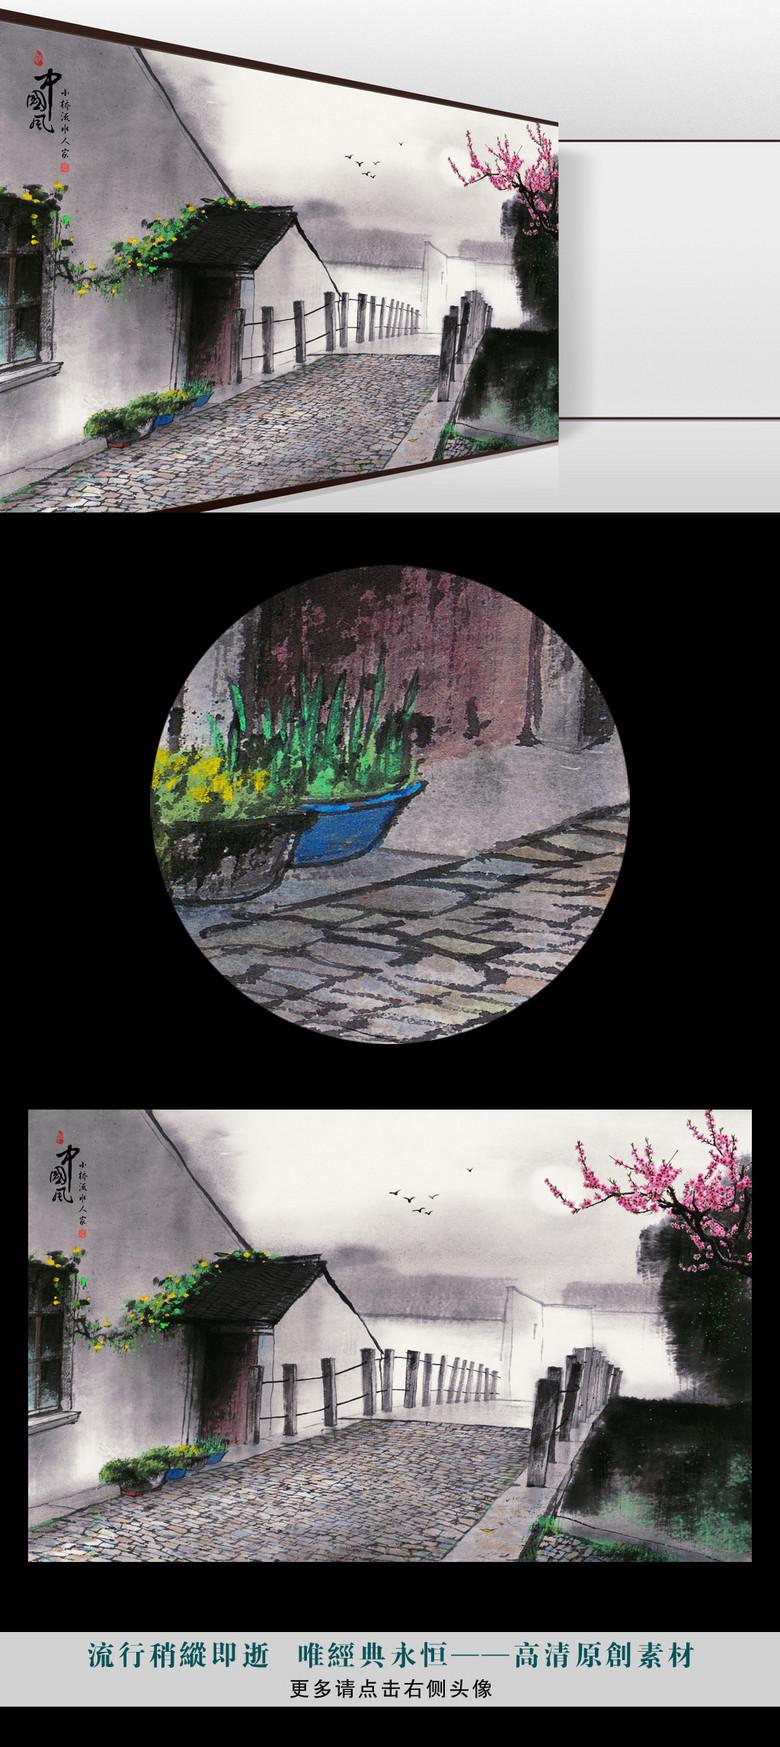 江南春水墨丹青桃花燕子人家古风背景墙图片